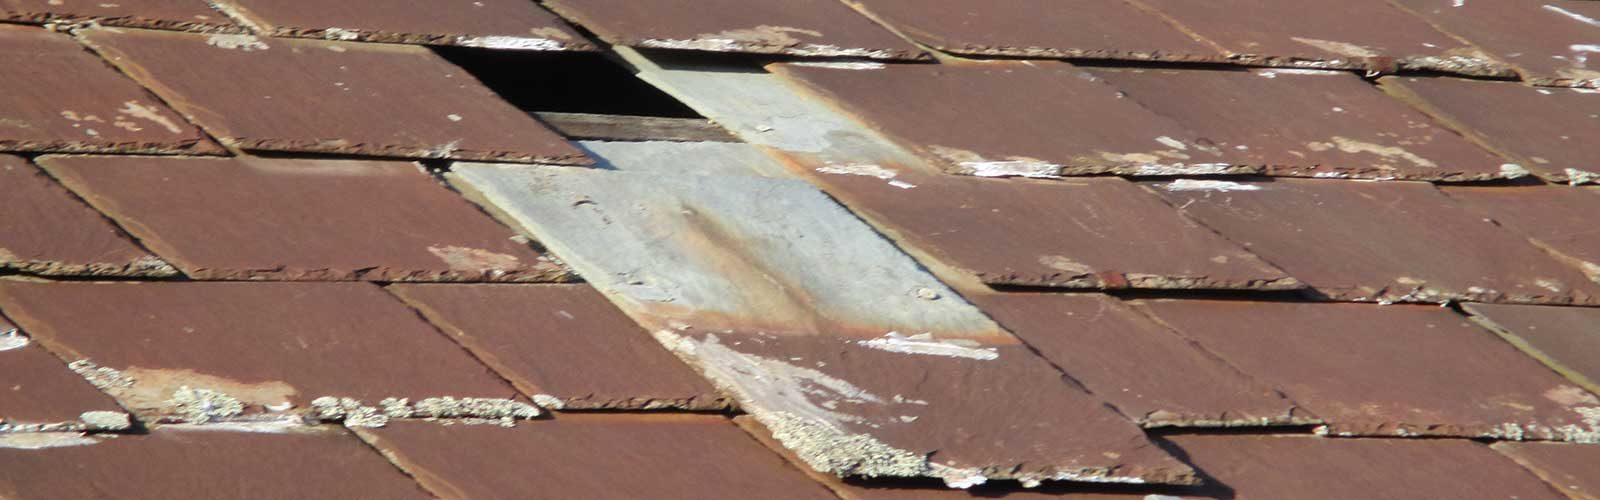 Damaged slate roofing